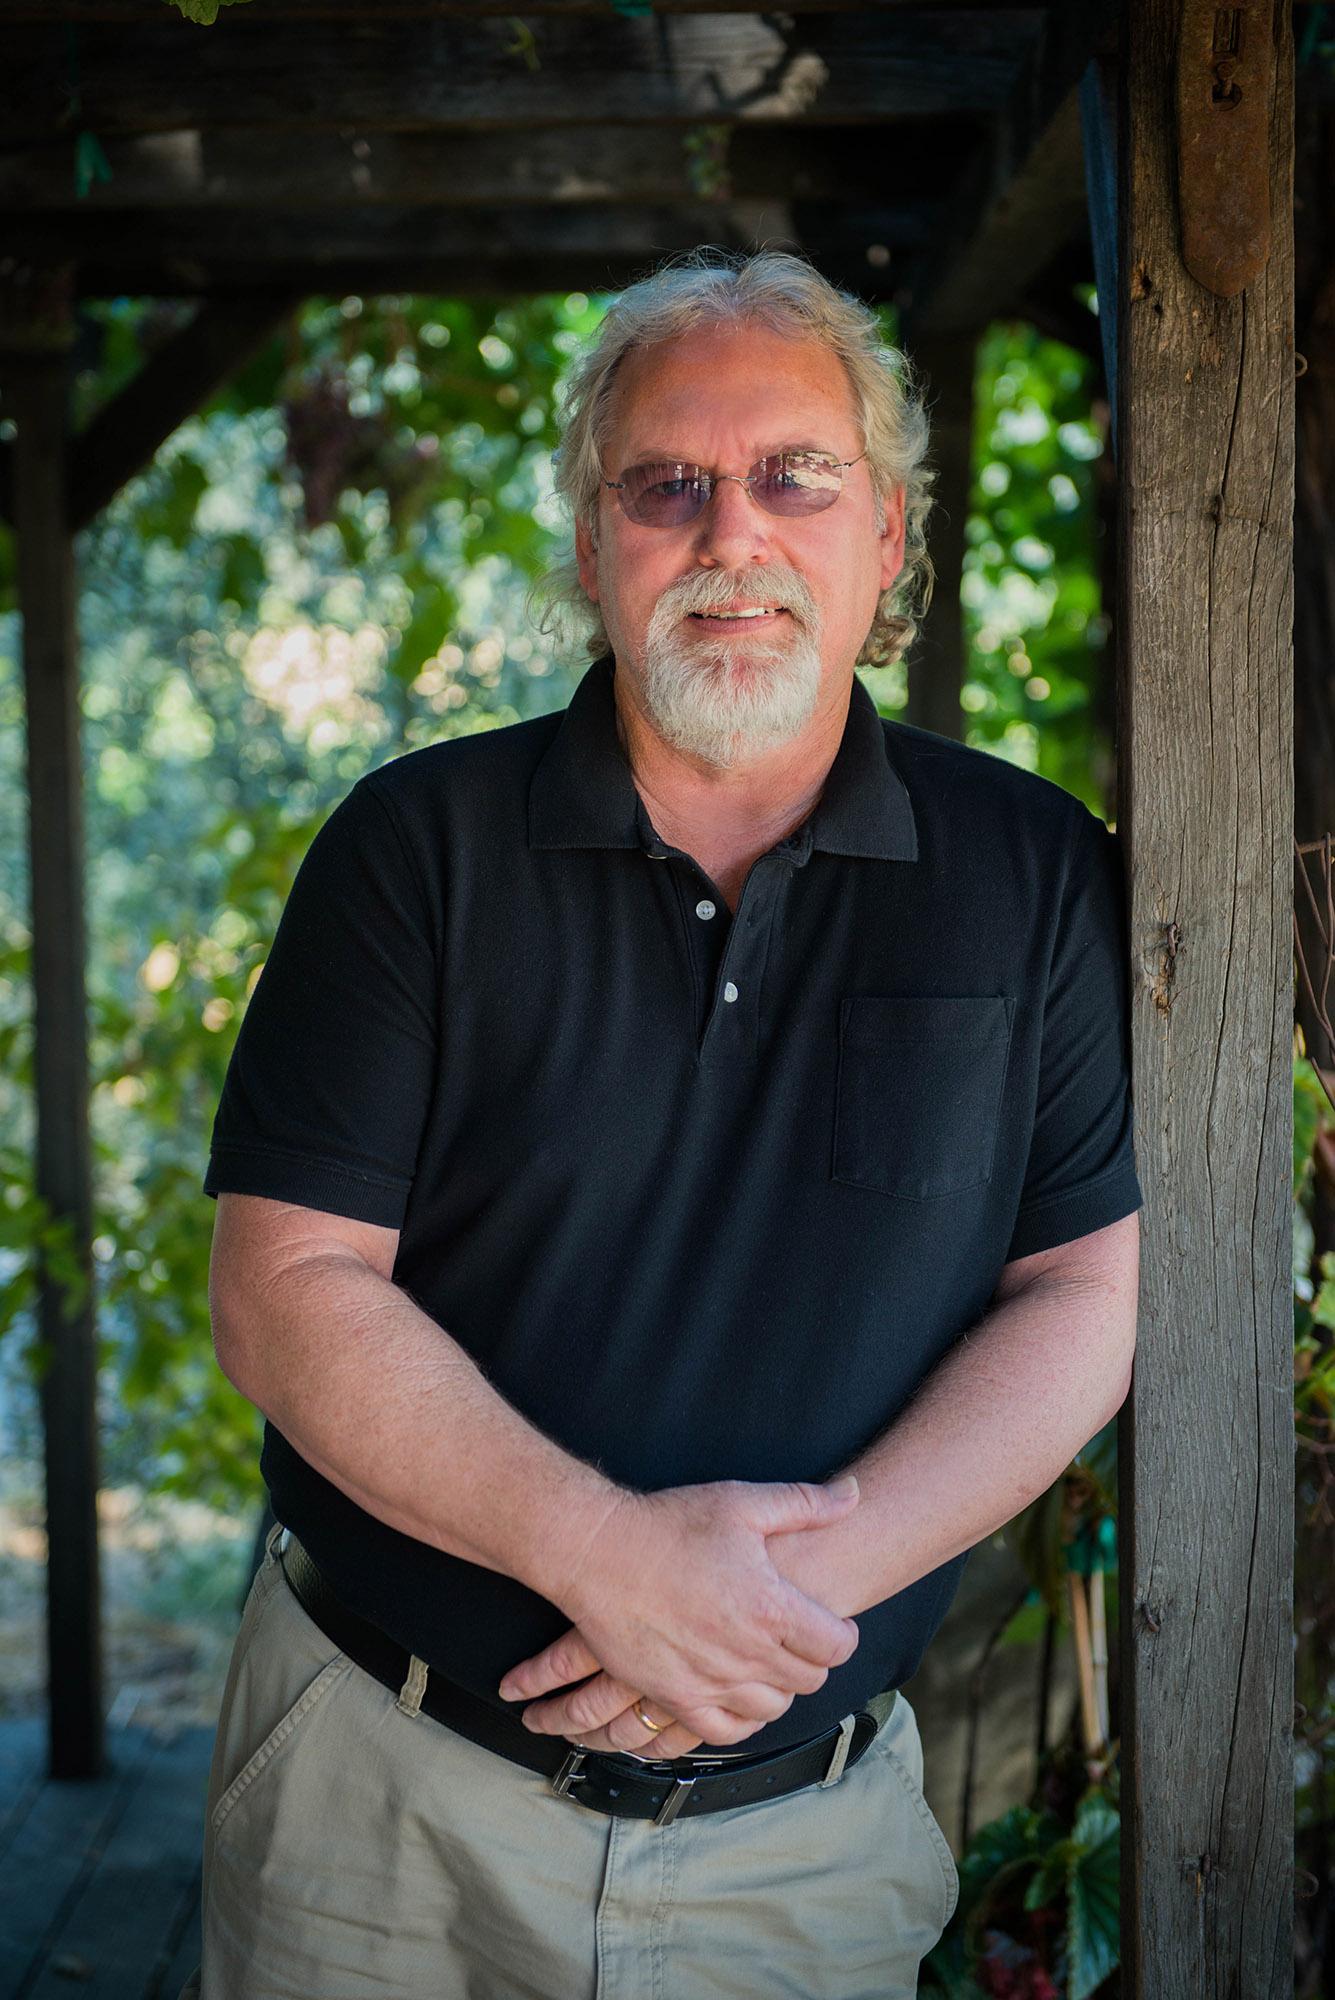 Jim Miloe